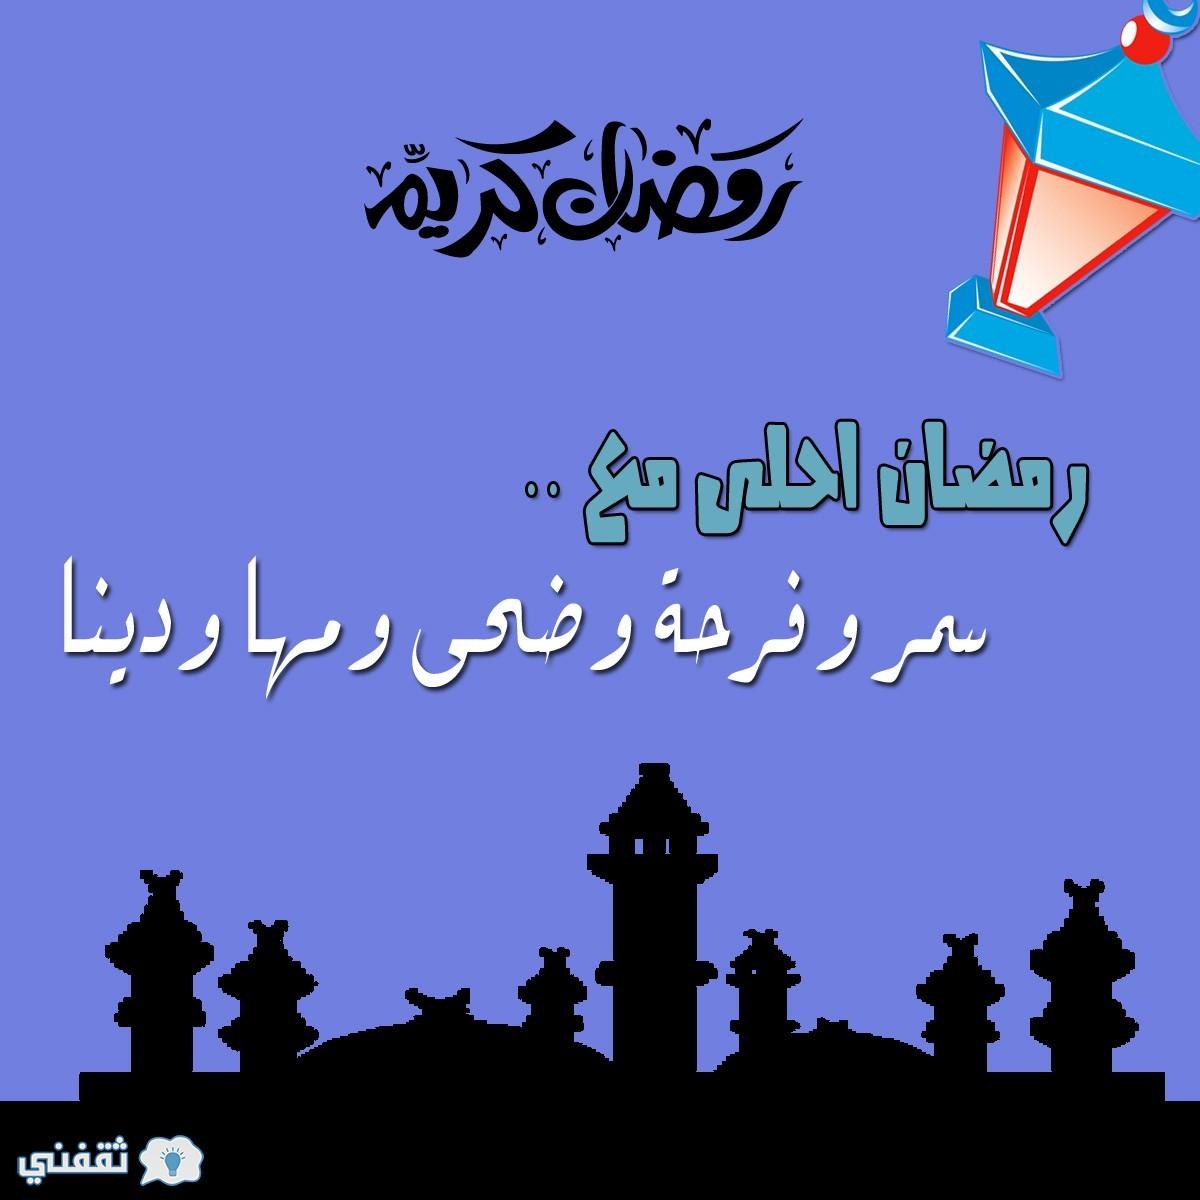 رمضان احلى مع سمر و فرحة و ضحى و دينا و مها